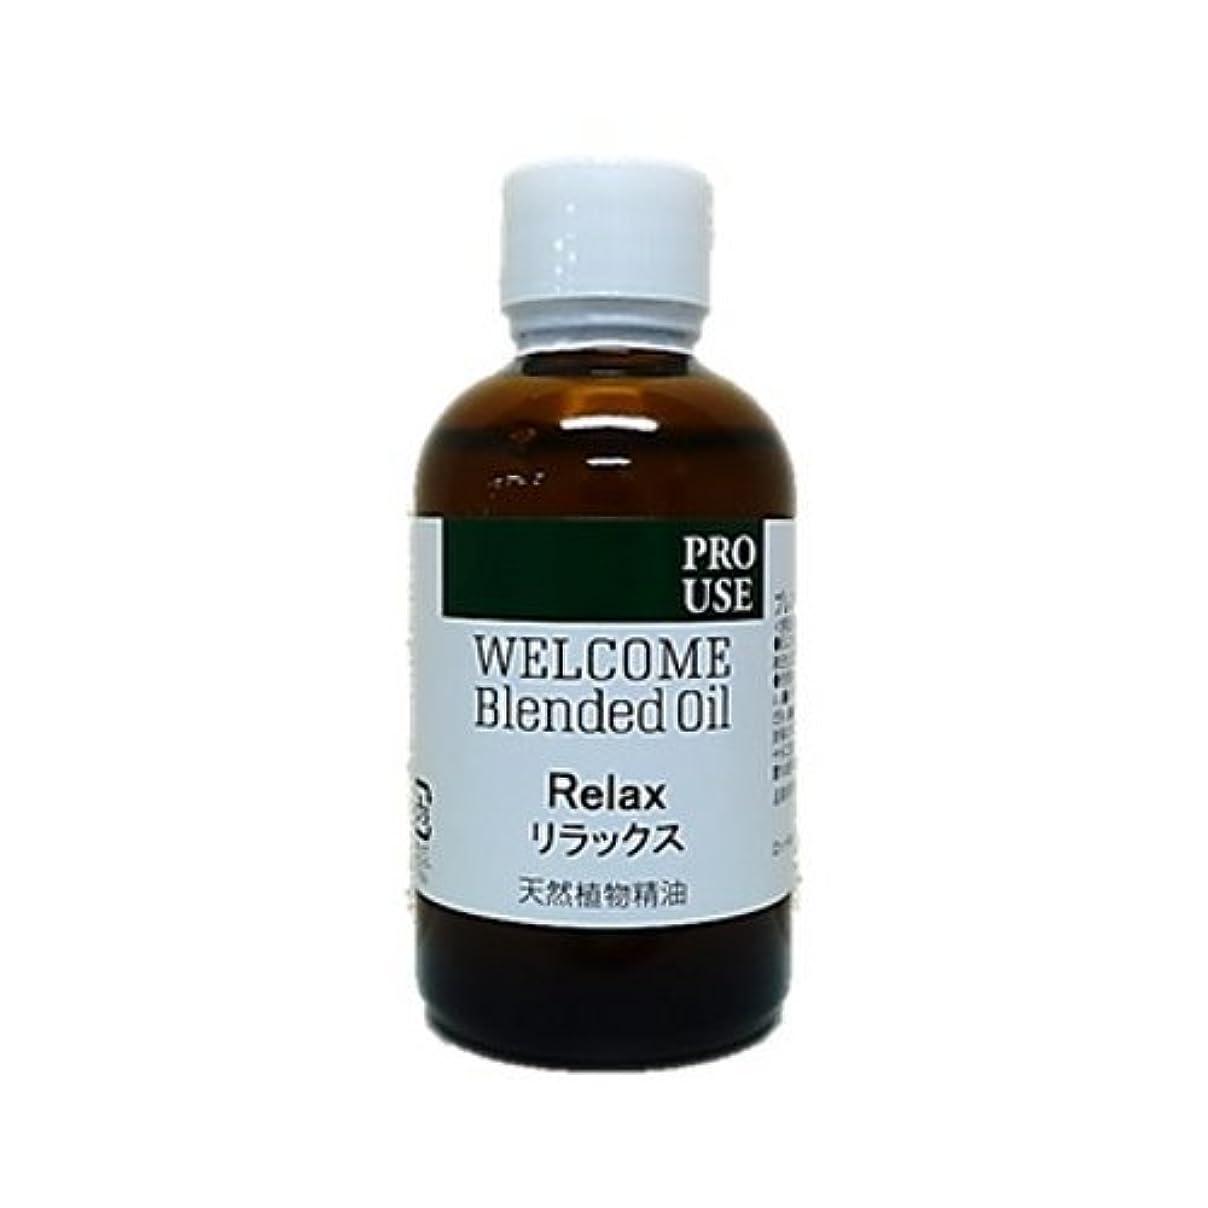 医薬品手配するゴールデンリラックス 50ml ウェルカムブレンドエッセンシャルオイル 生活の木